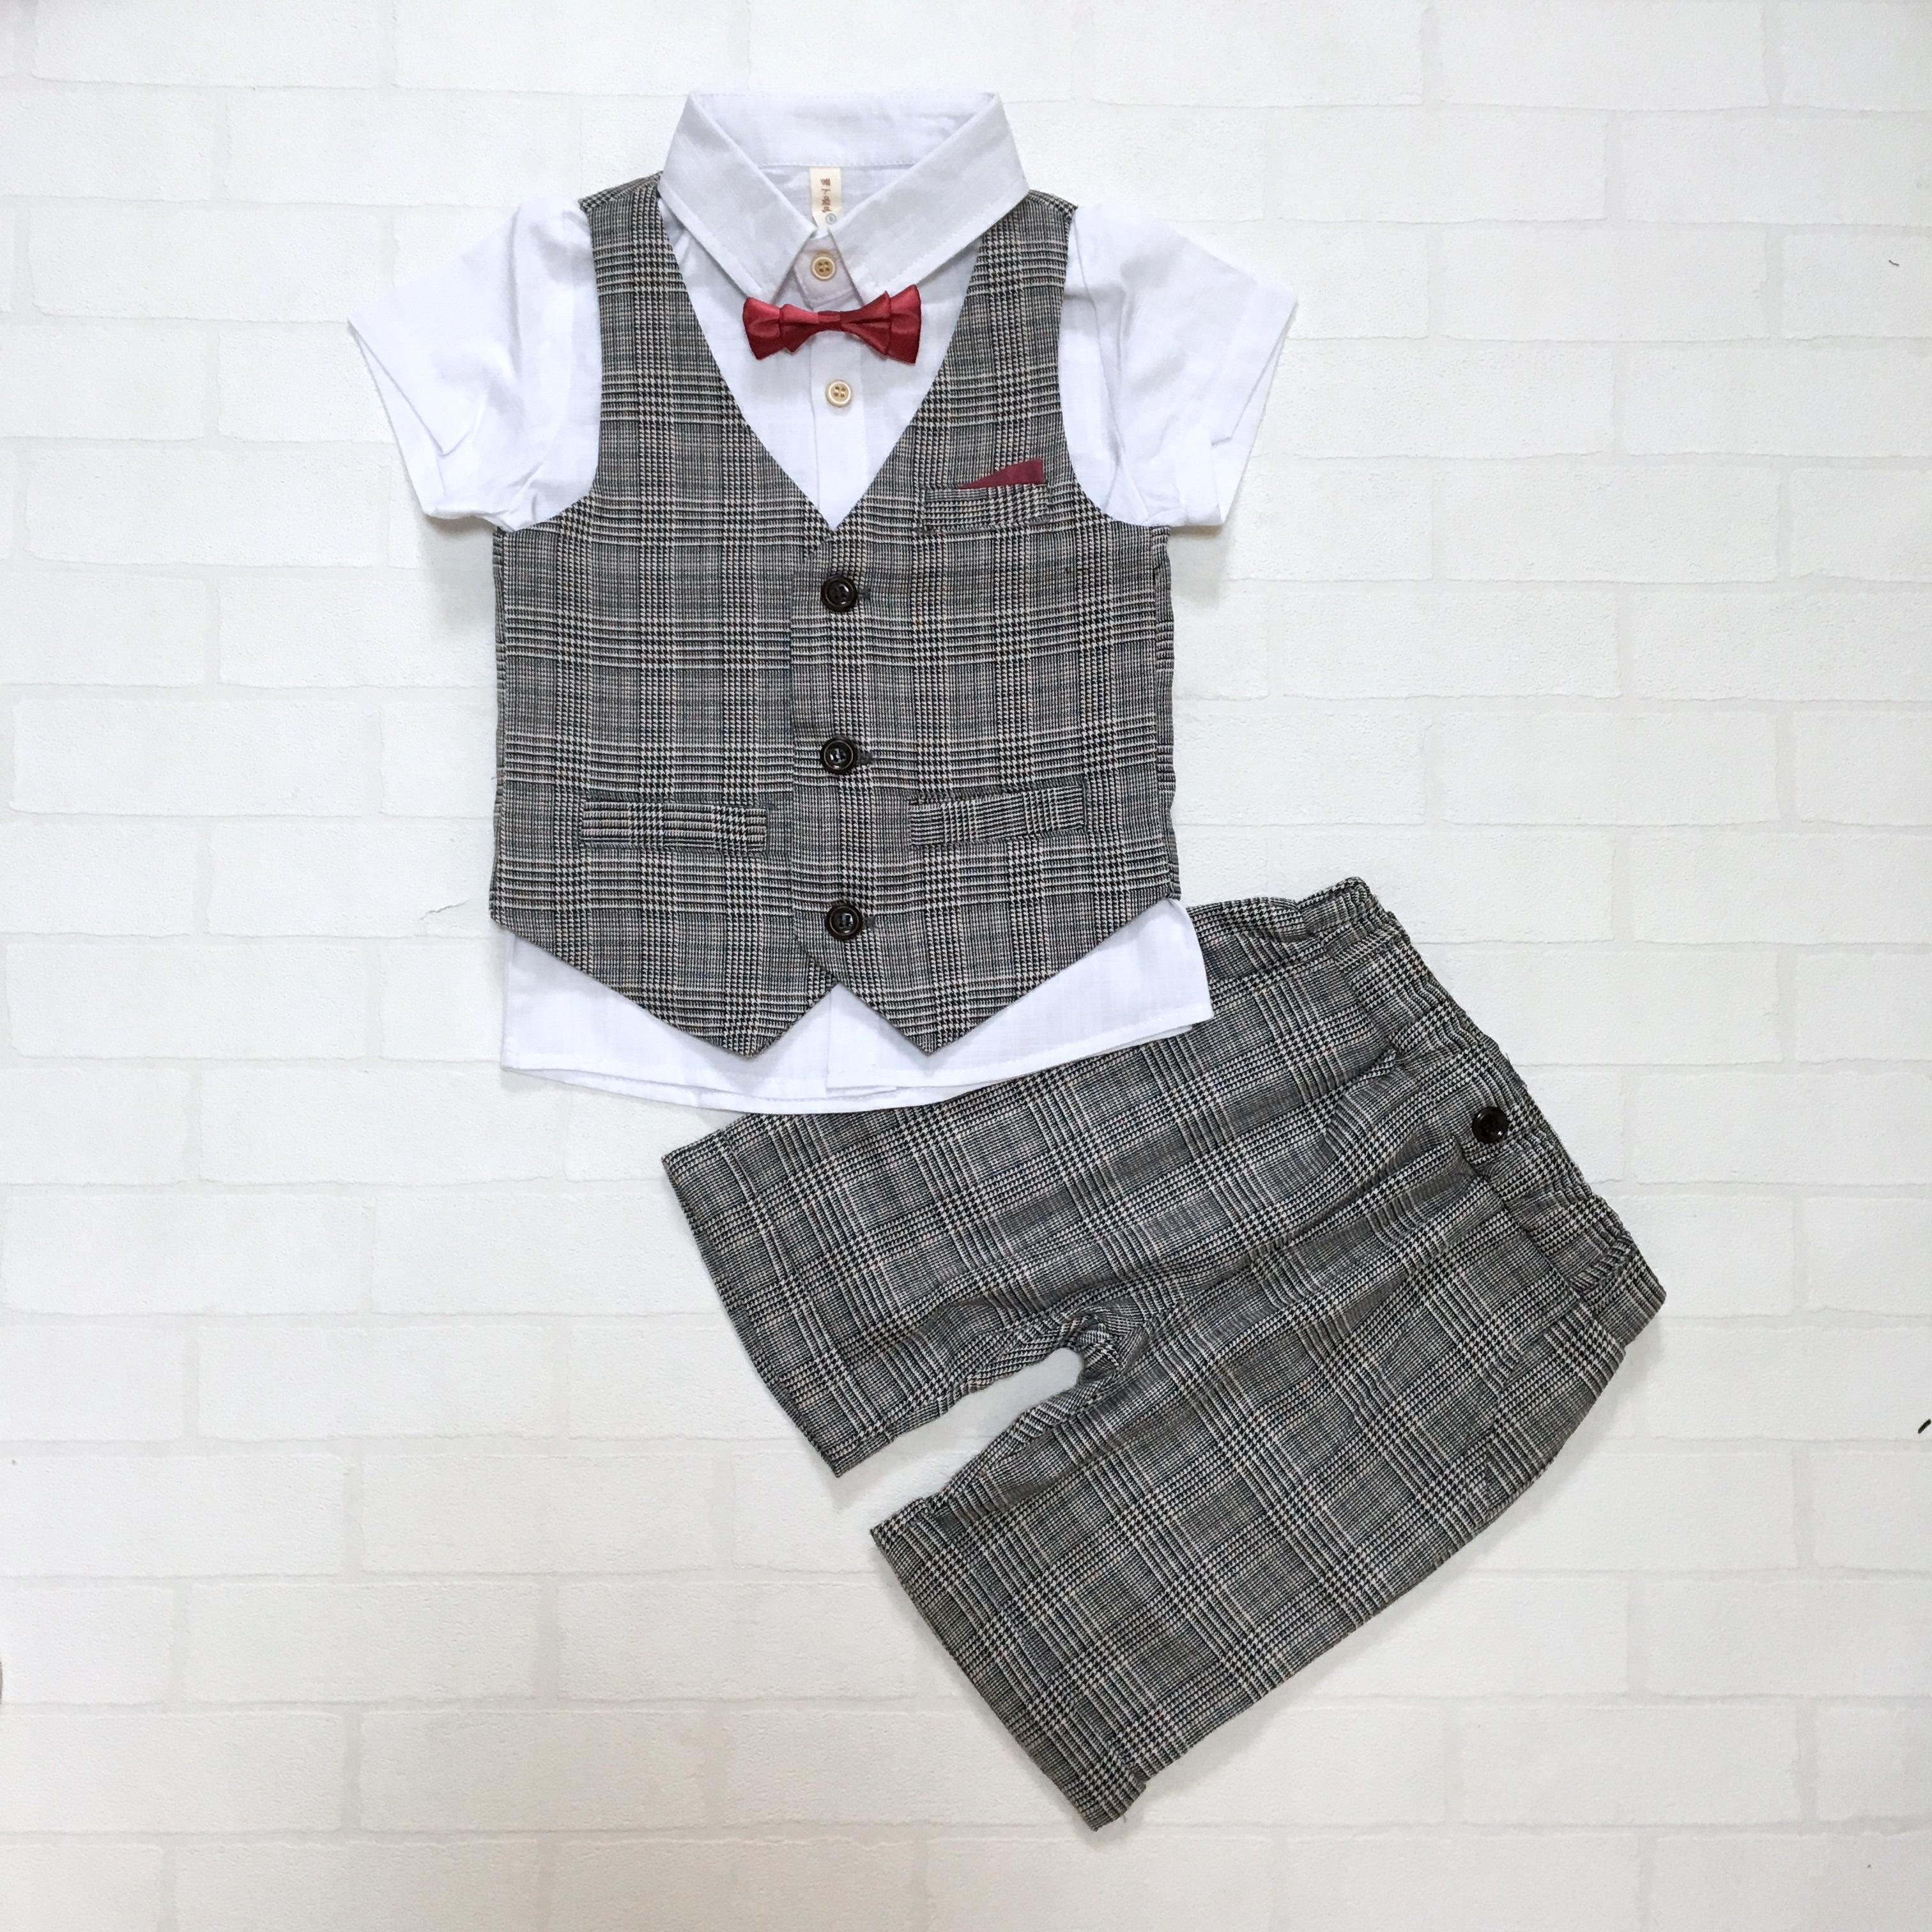 ホワイトシャツ×グレンチェックサマーフォーマルベスト4点セット【173】